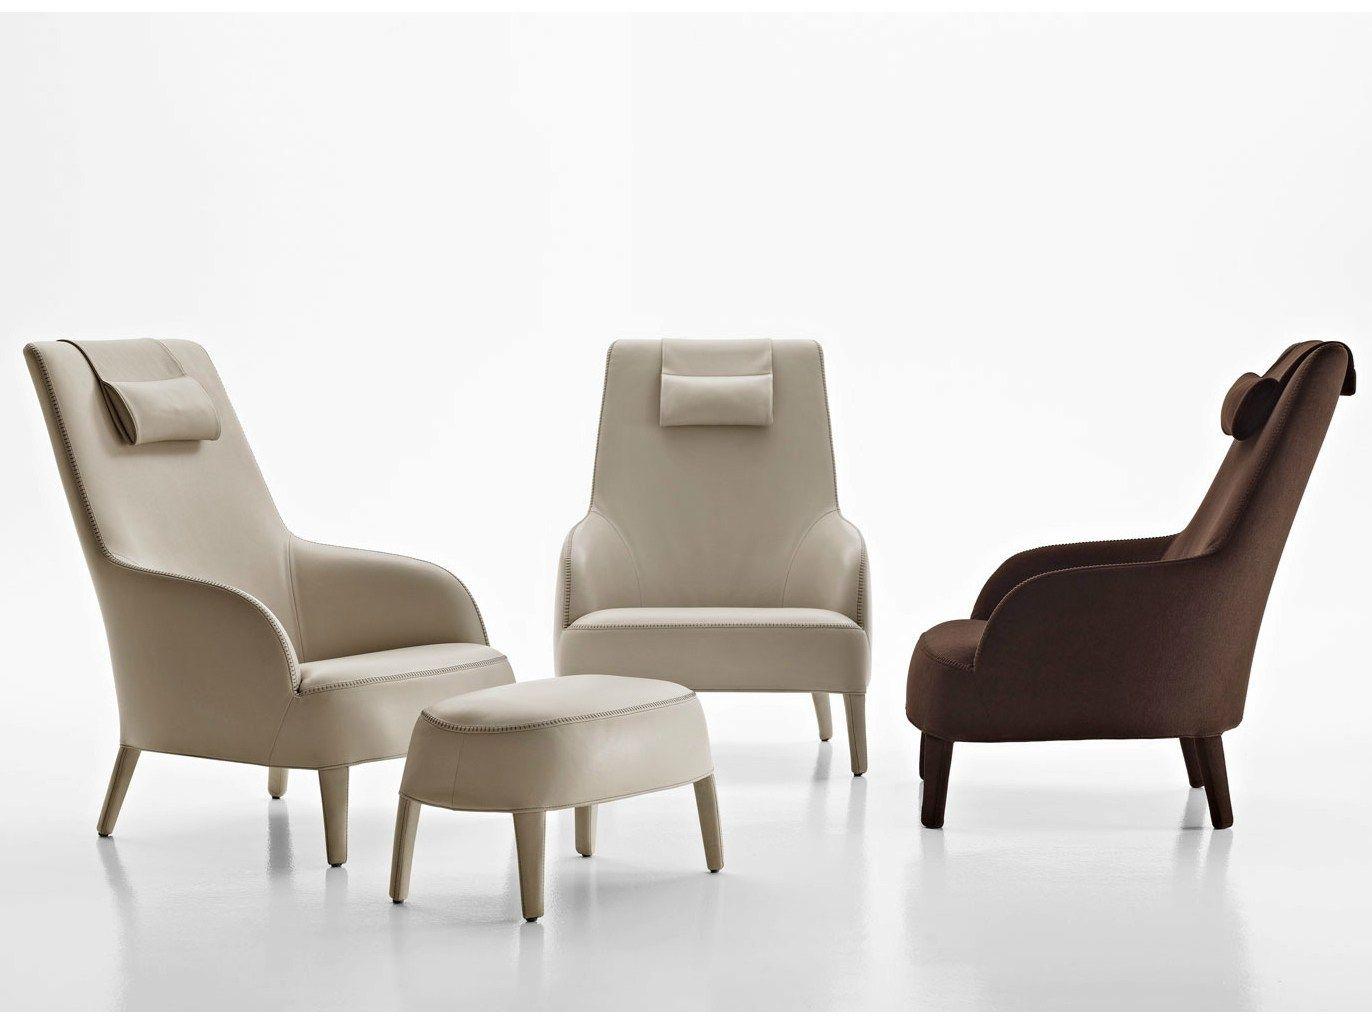 febo bergere poltrona in tessuto by maxalto a brand of b b italia spa design antonio citterio. Black Bedroom Furniture Sets. Home Design Ideas